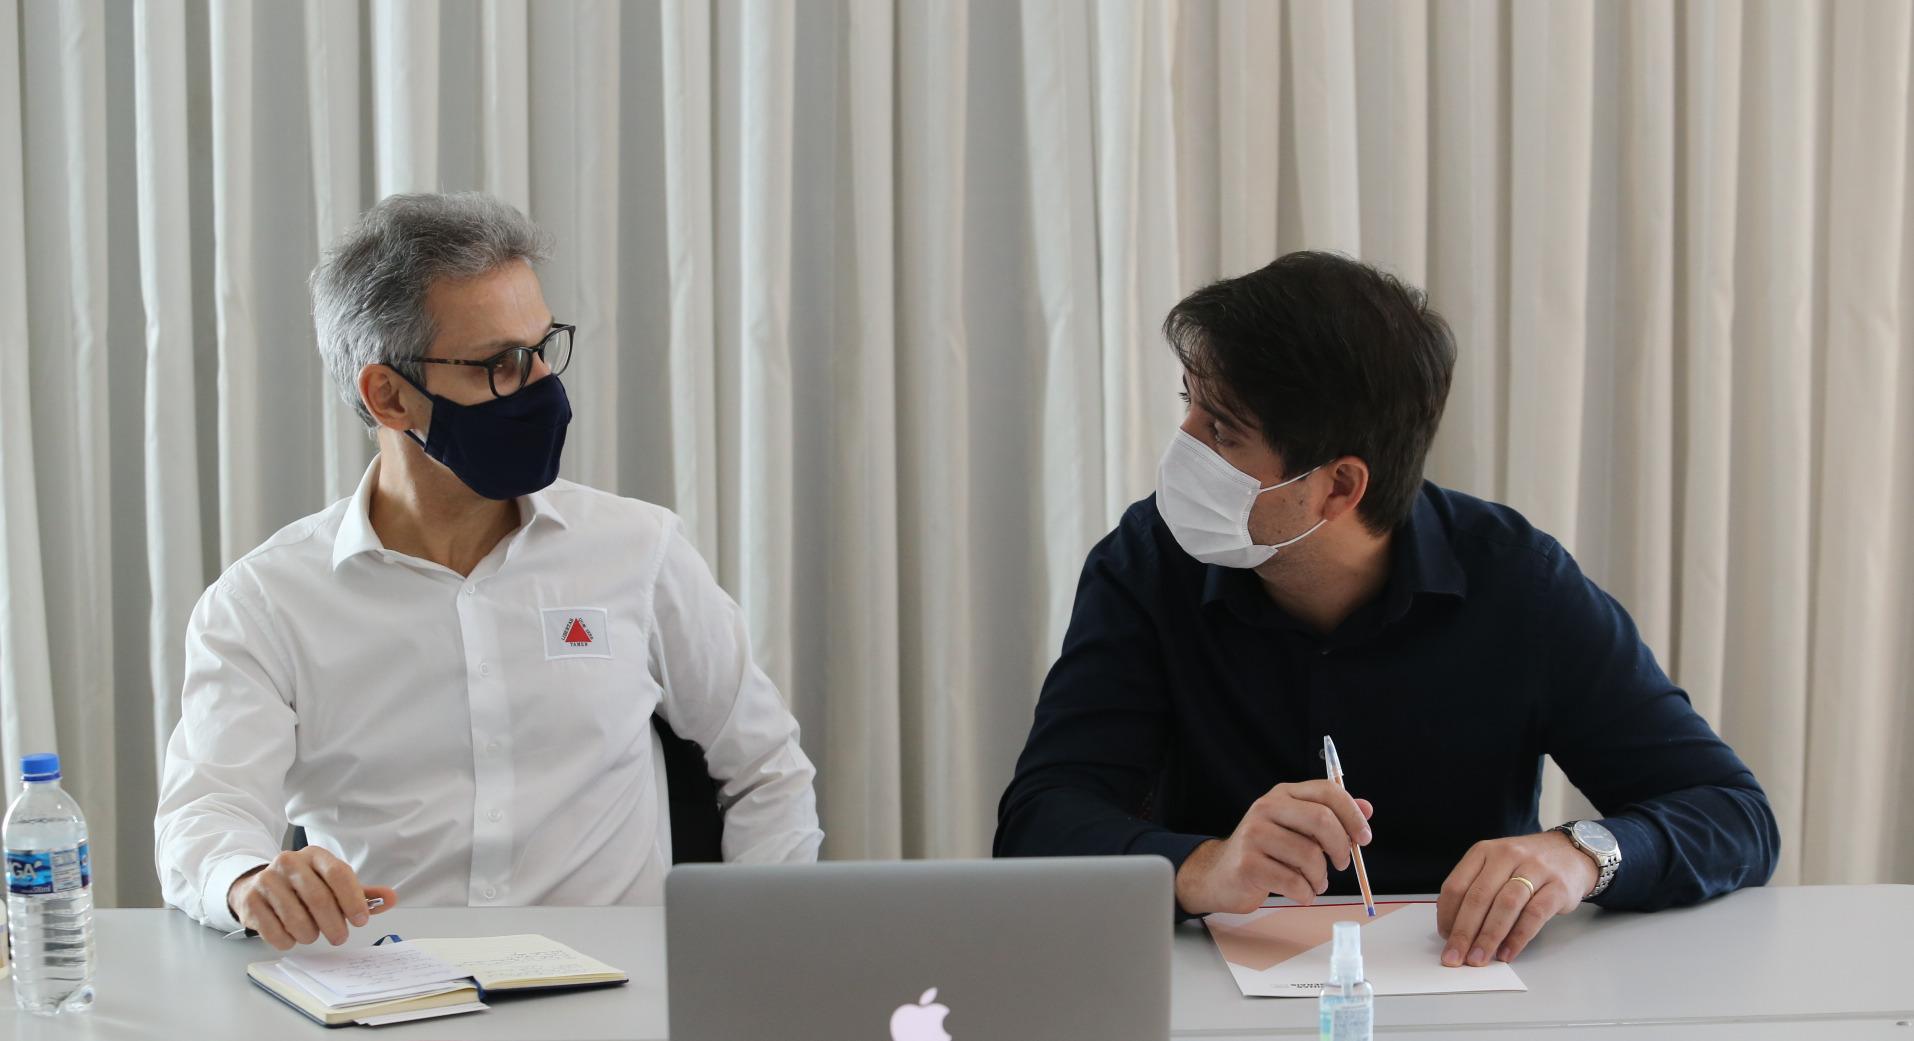 Governador Romeu Zema, em reunião com o Secretário de Estado de Saúde, médico Fábio Baccheretti